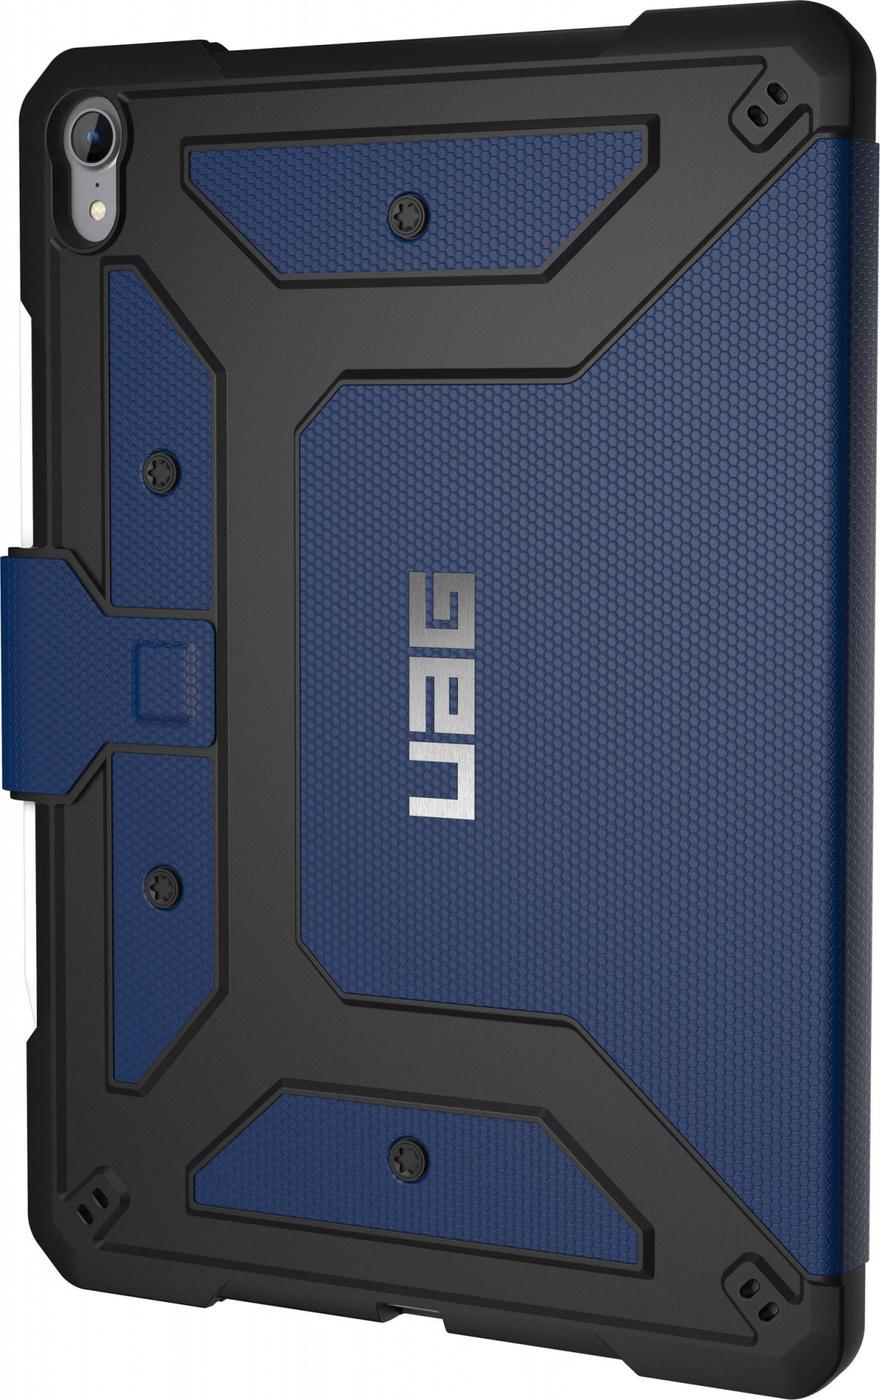 """Защитный чехол UAG для iPad Pro 11"""" серия Metropolis цвет синий/ 121406115050"""